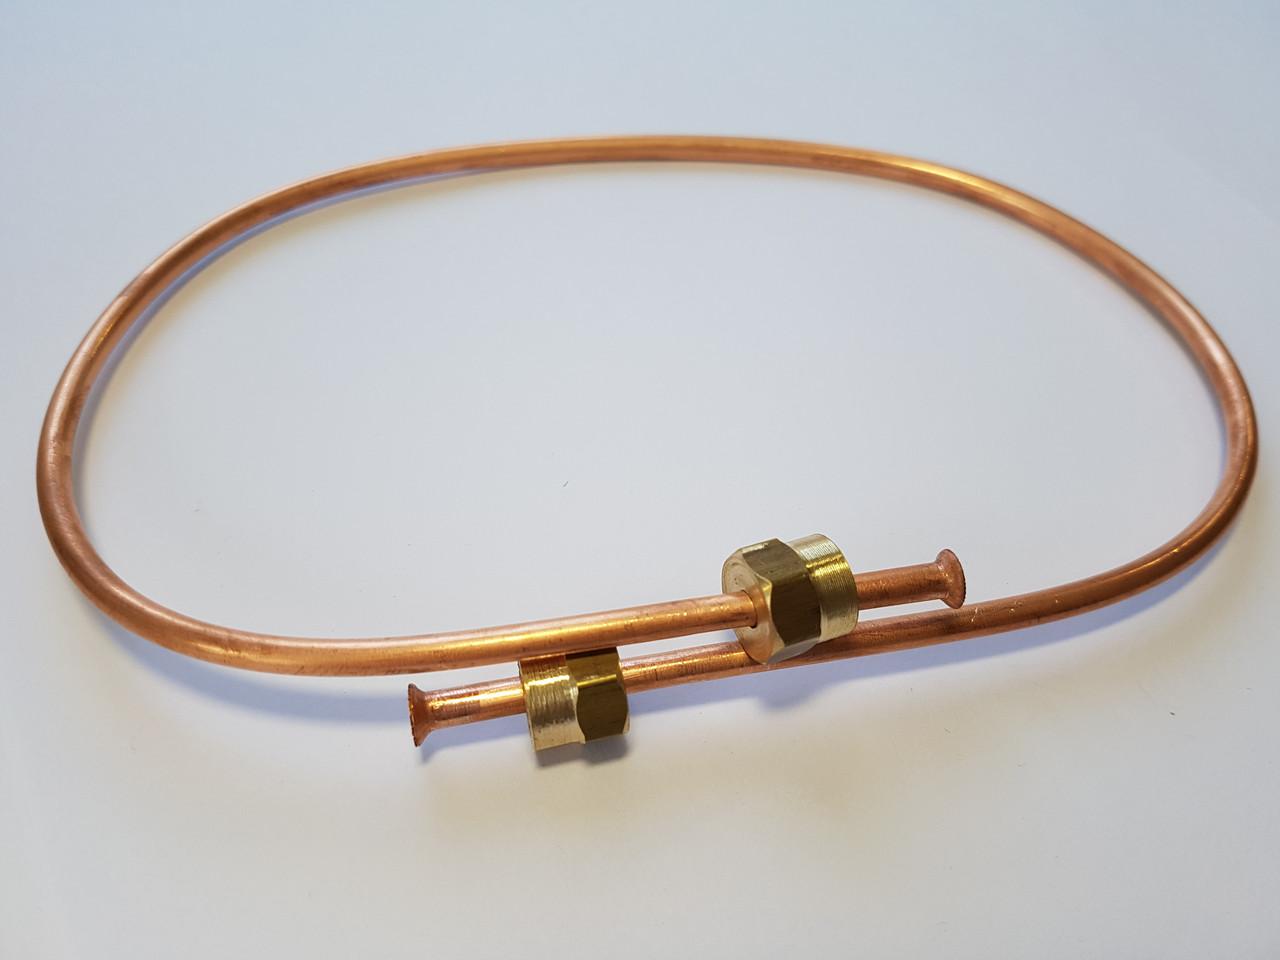 Імпульсна трубка КАРЕ L-500mm d-4mm Термопром Жовті Води Termoprom